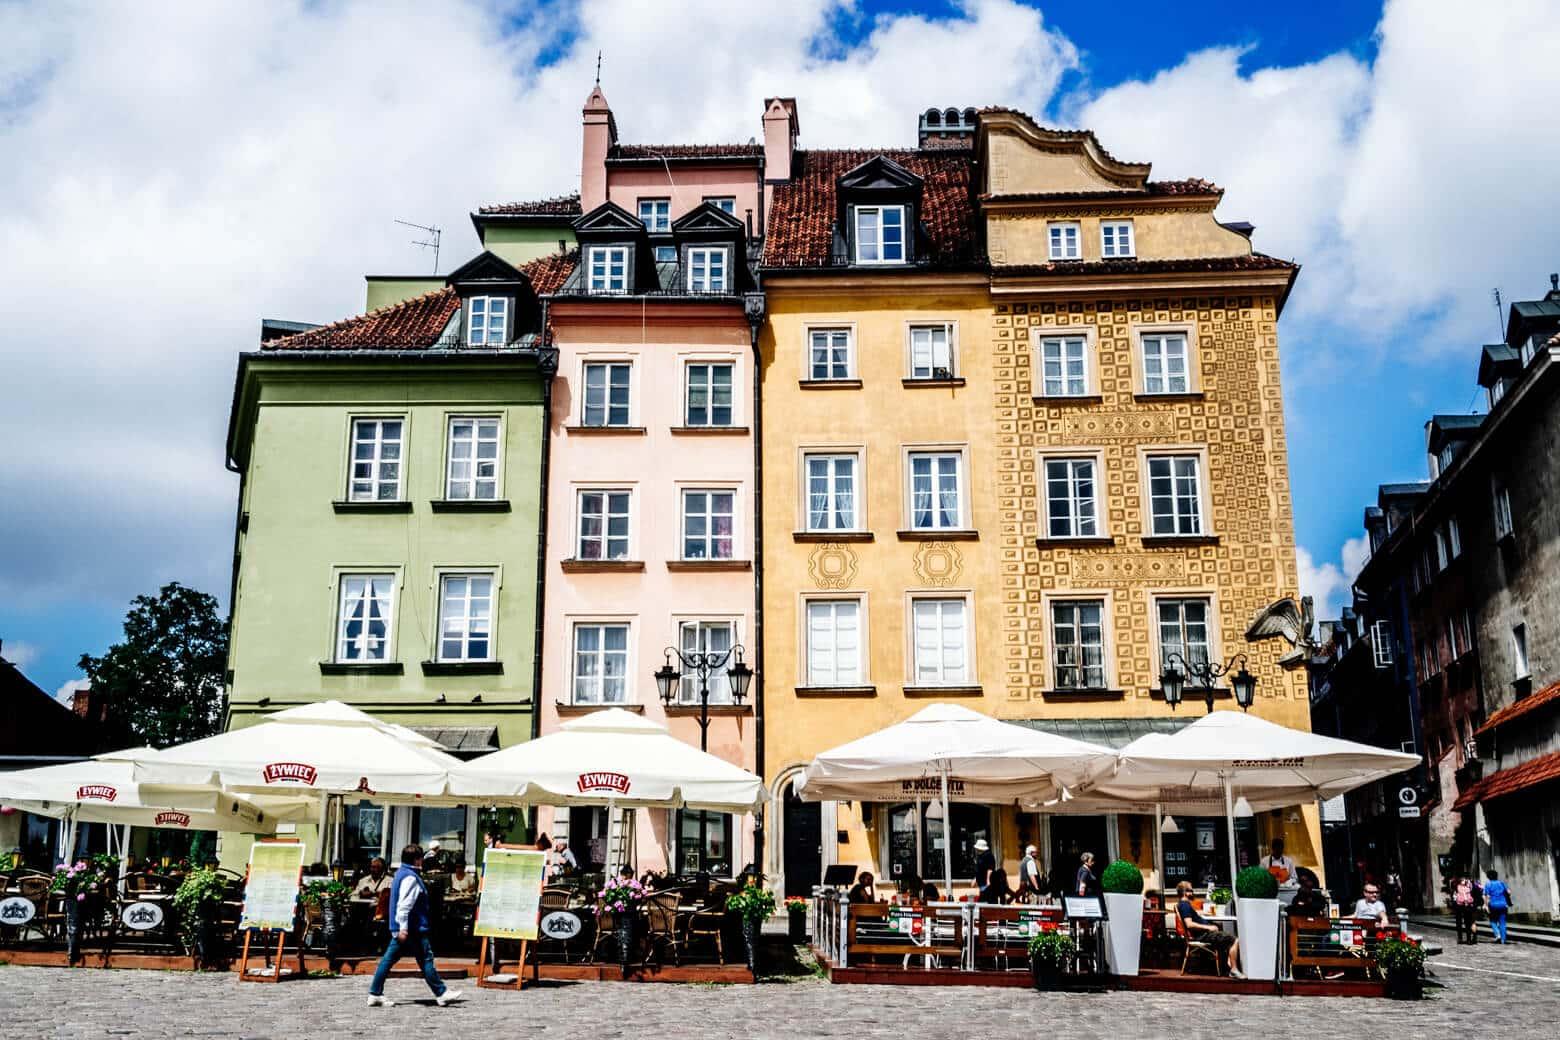 Warsaw's Rebuilt Old Town